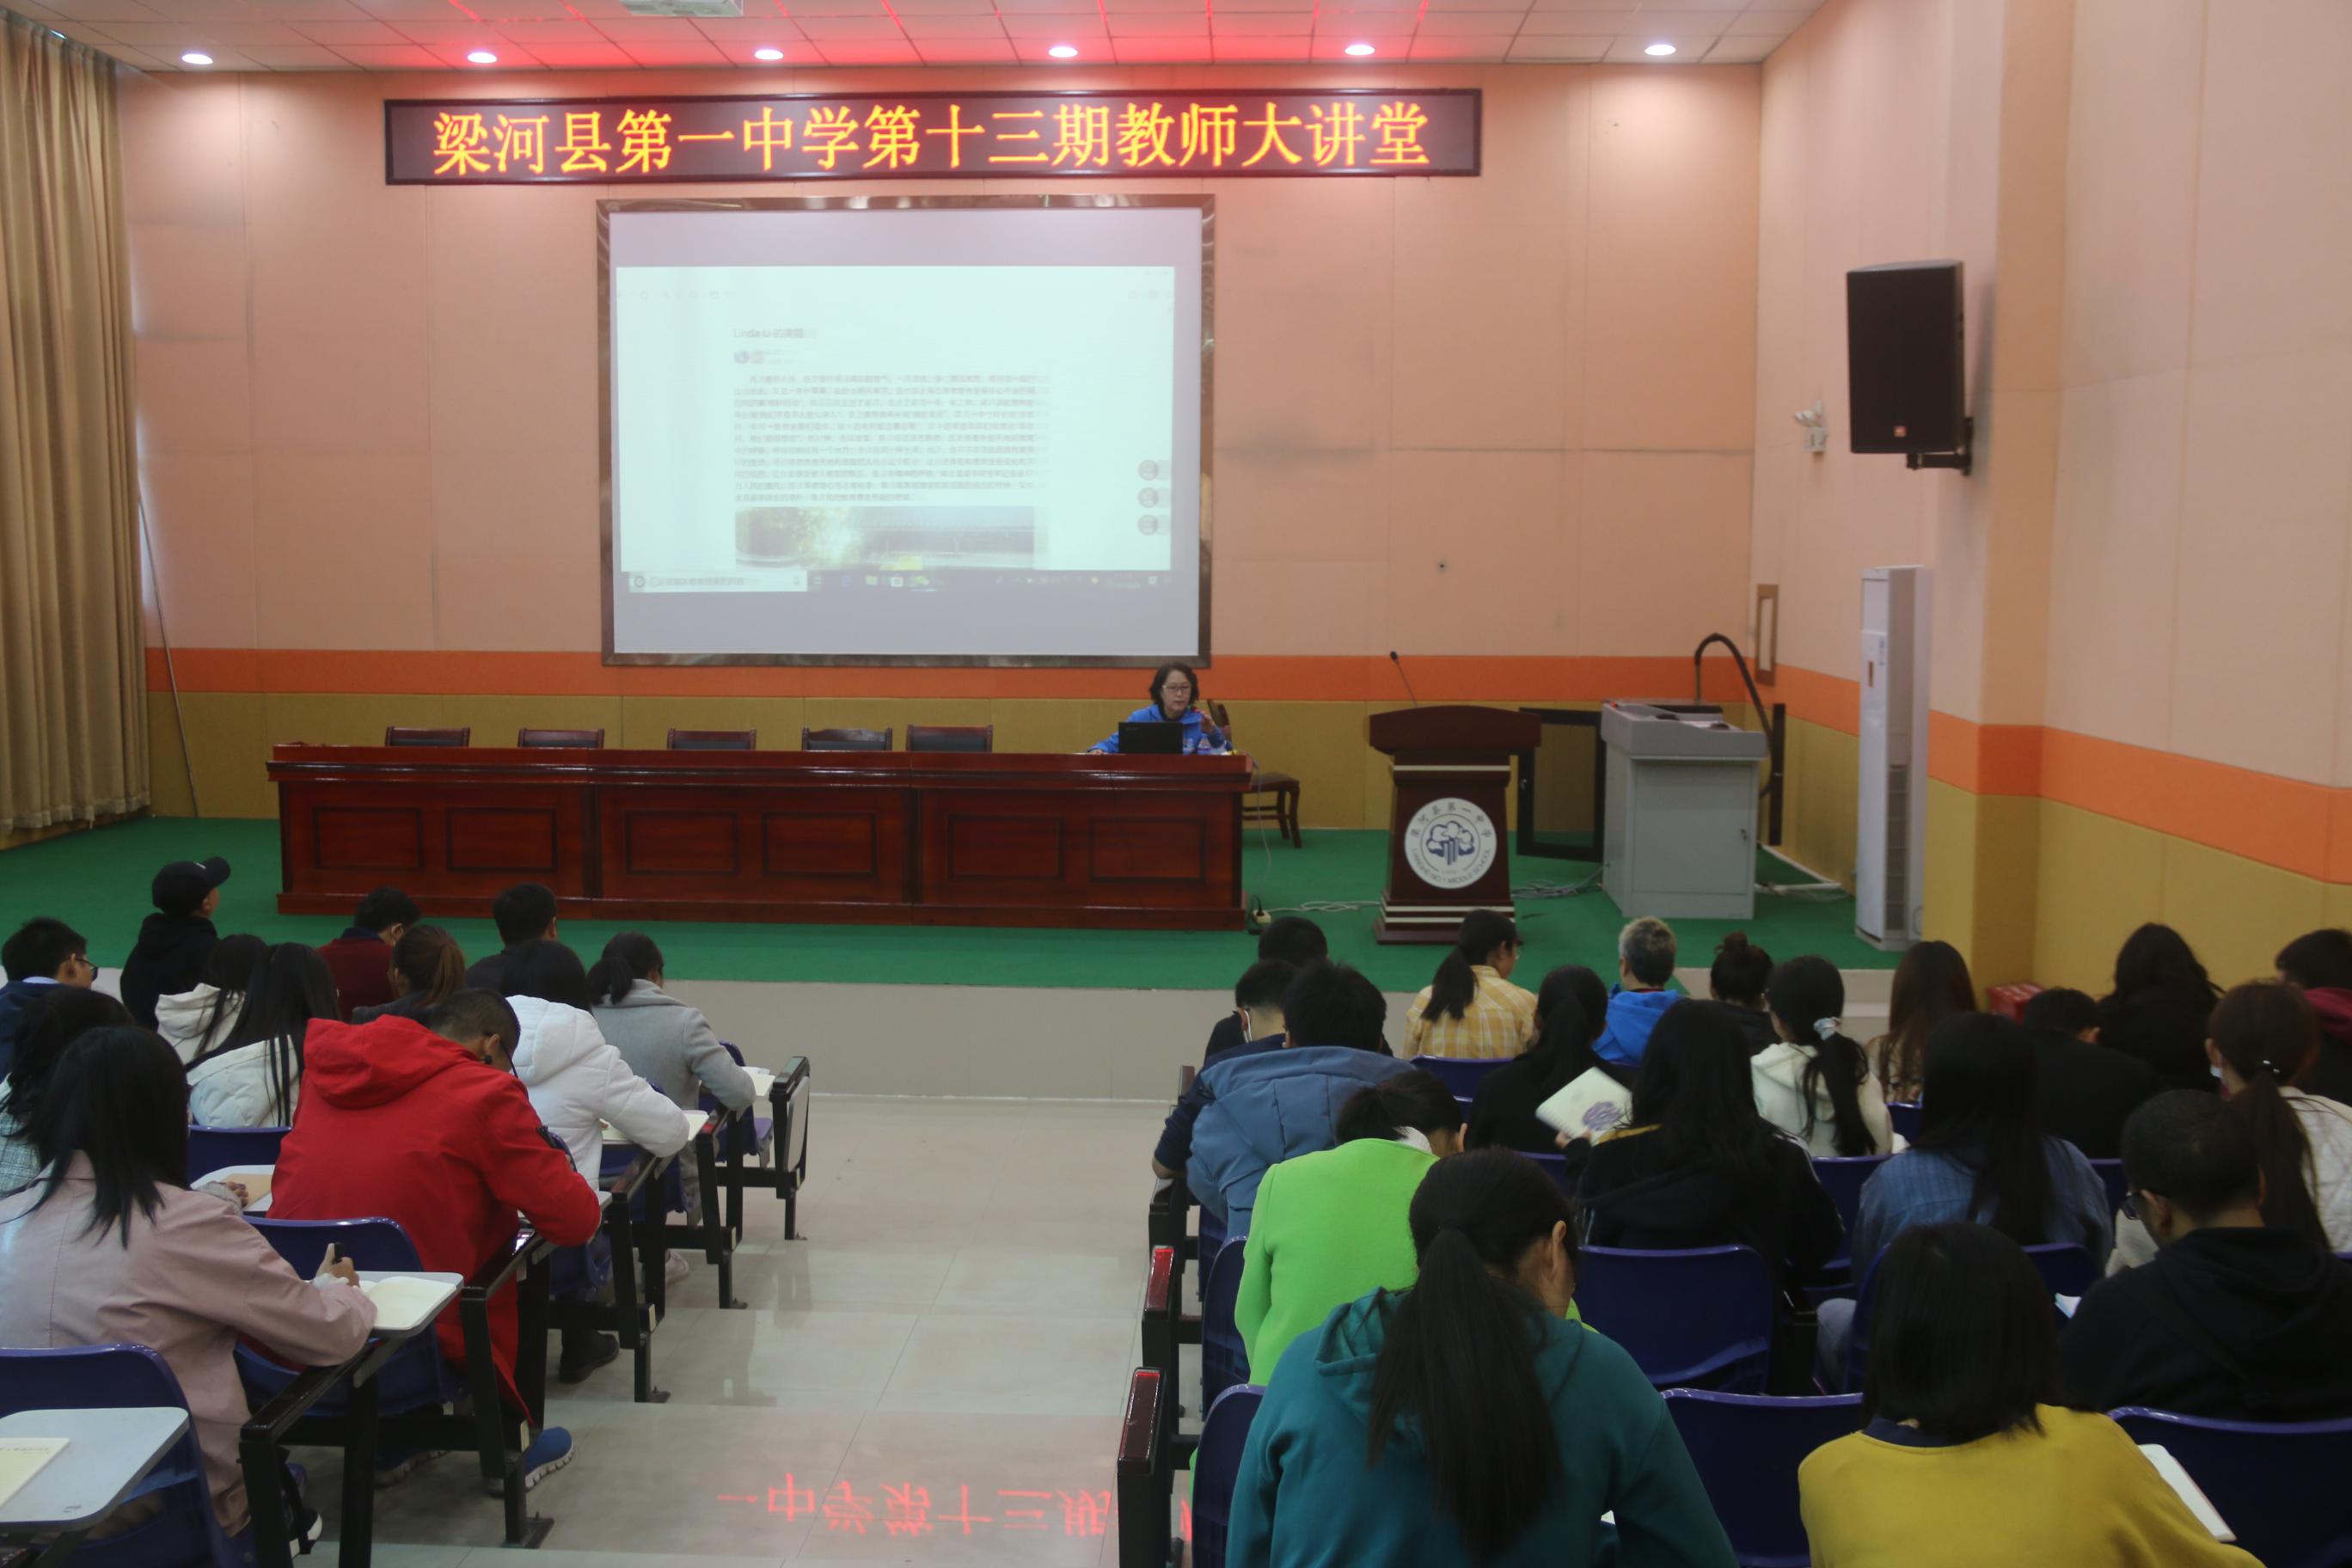 梁河县第一中学2020年秋季第十三期教师大讲堂